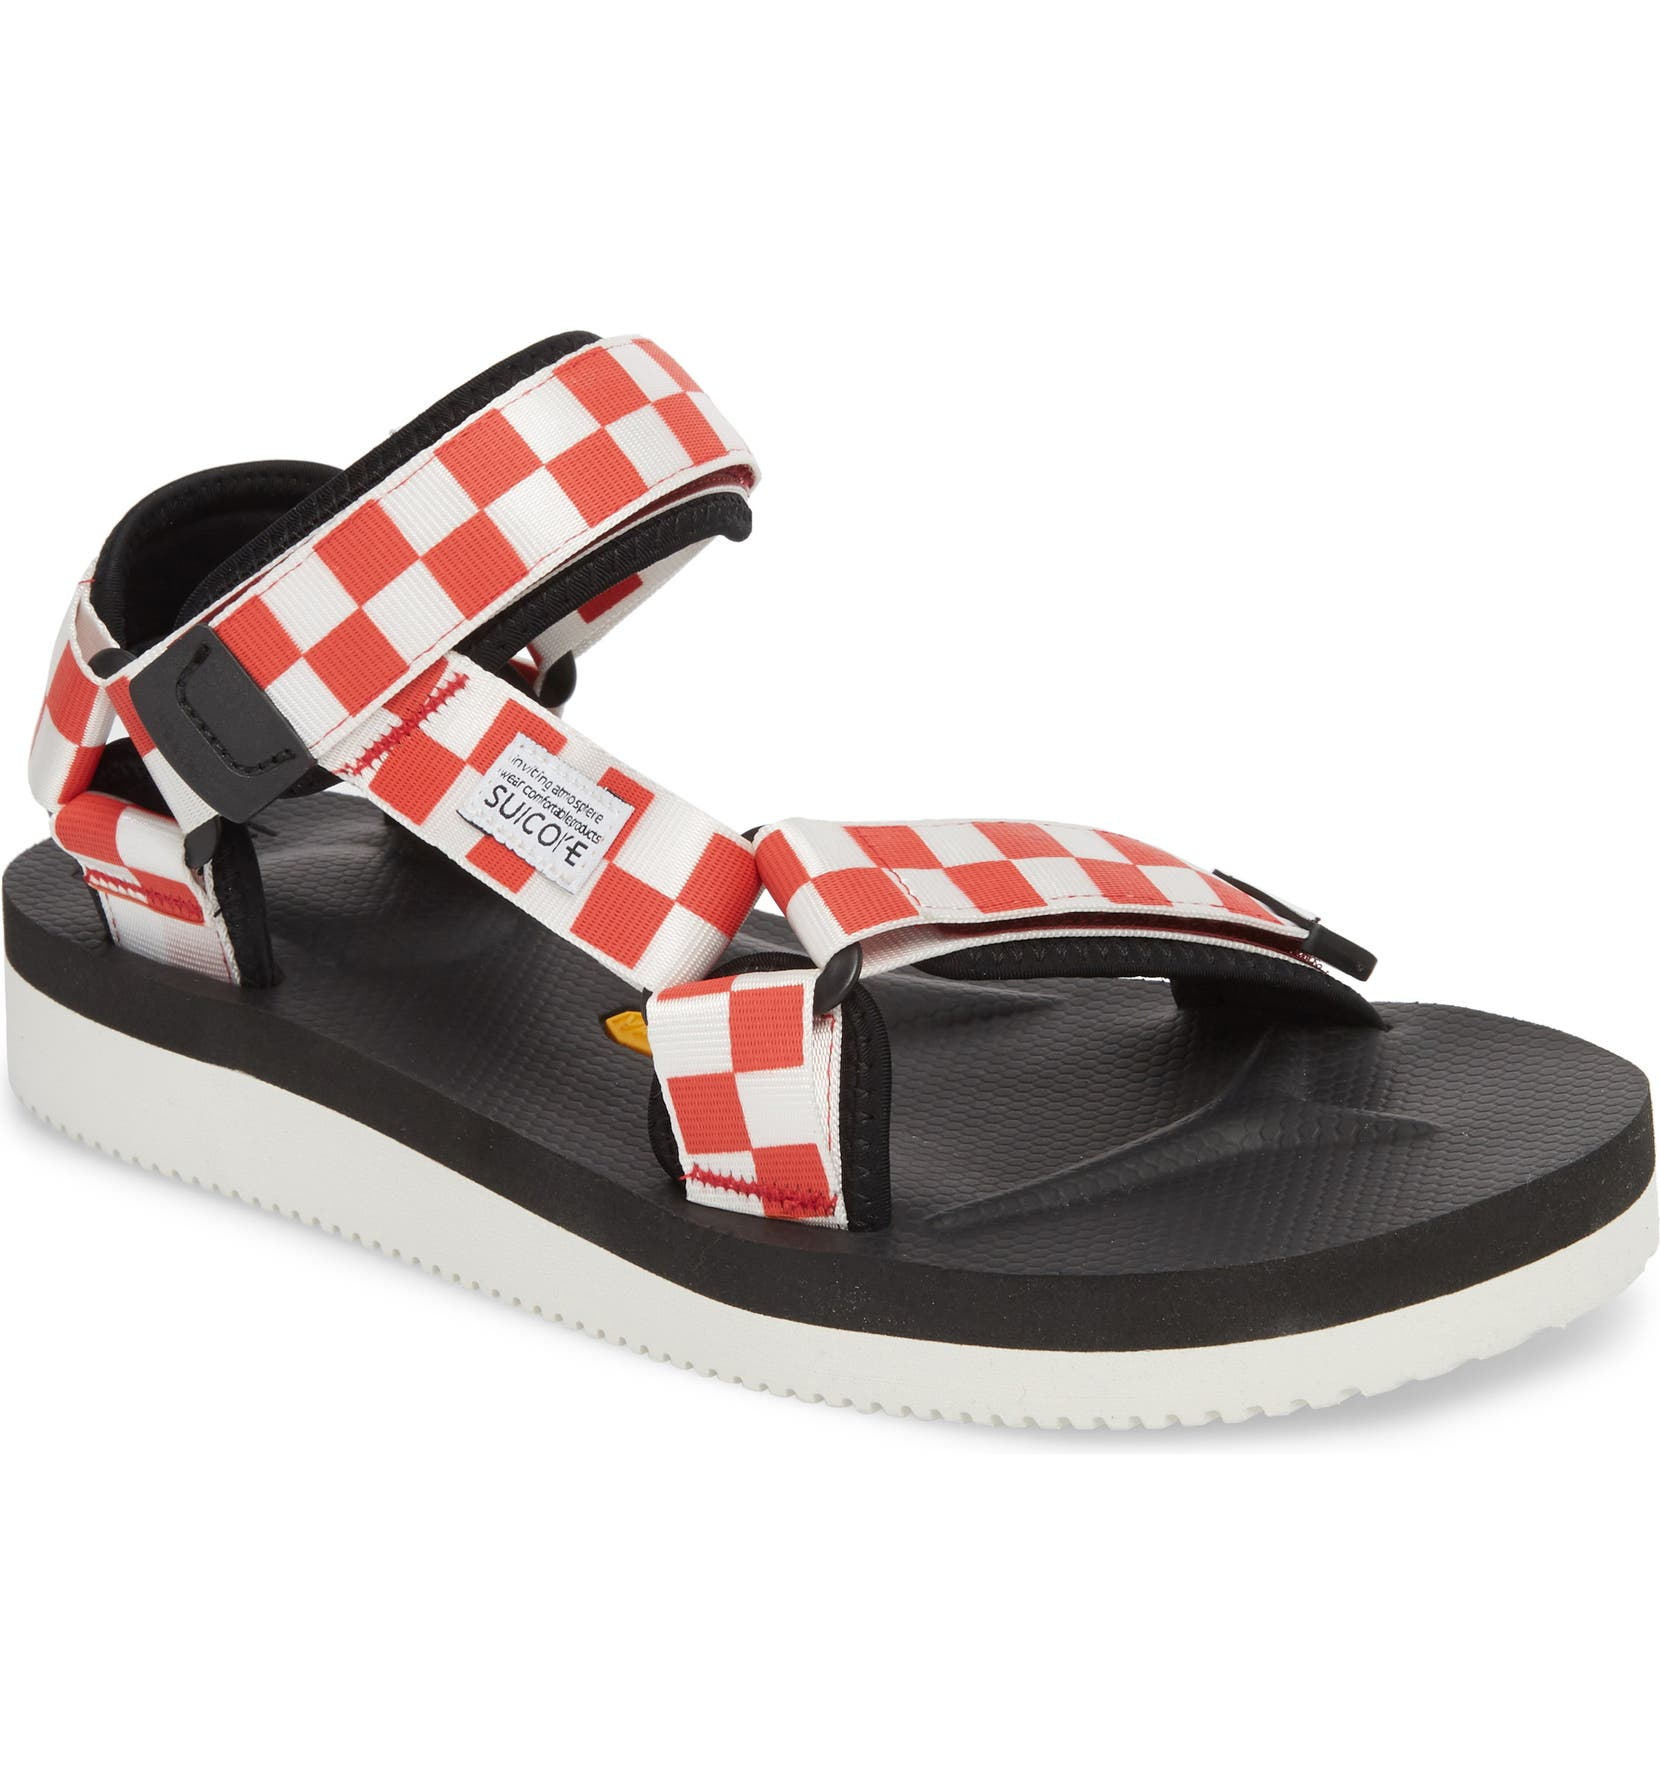 92af8684107 Suicoke Depa Sport Sandal (Men)